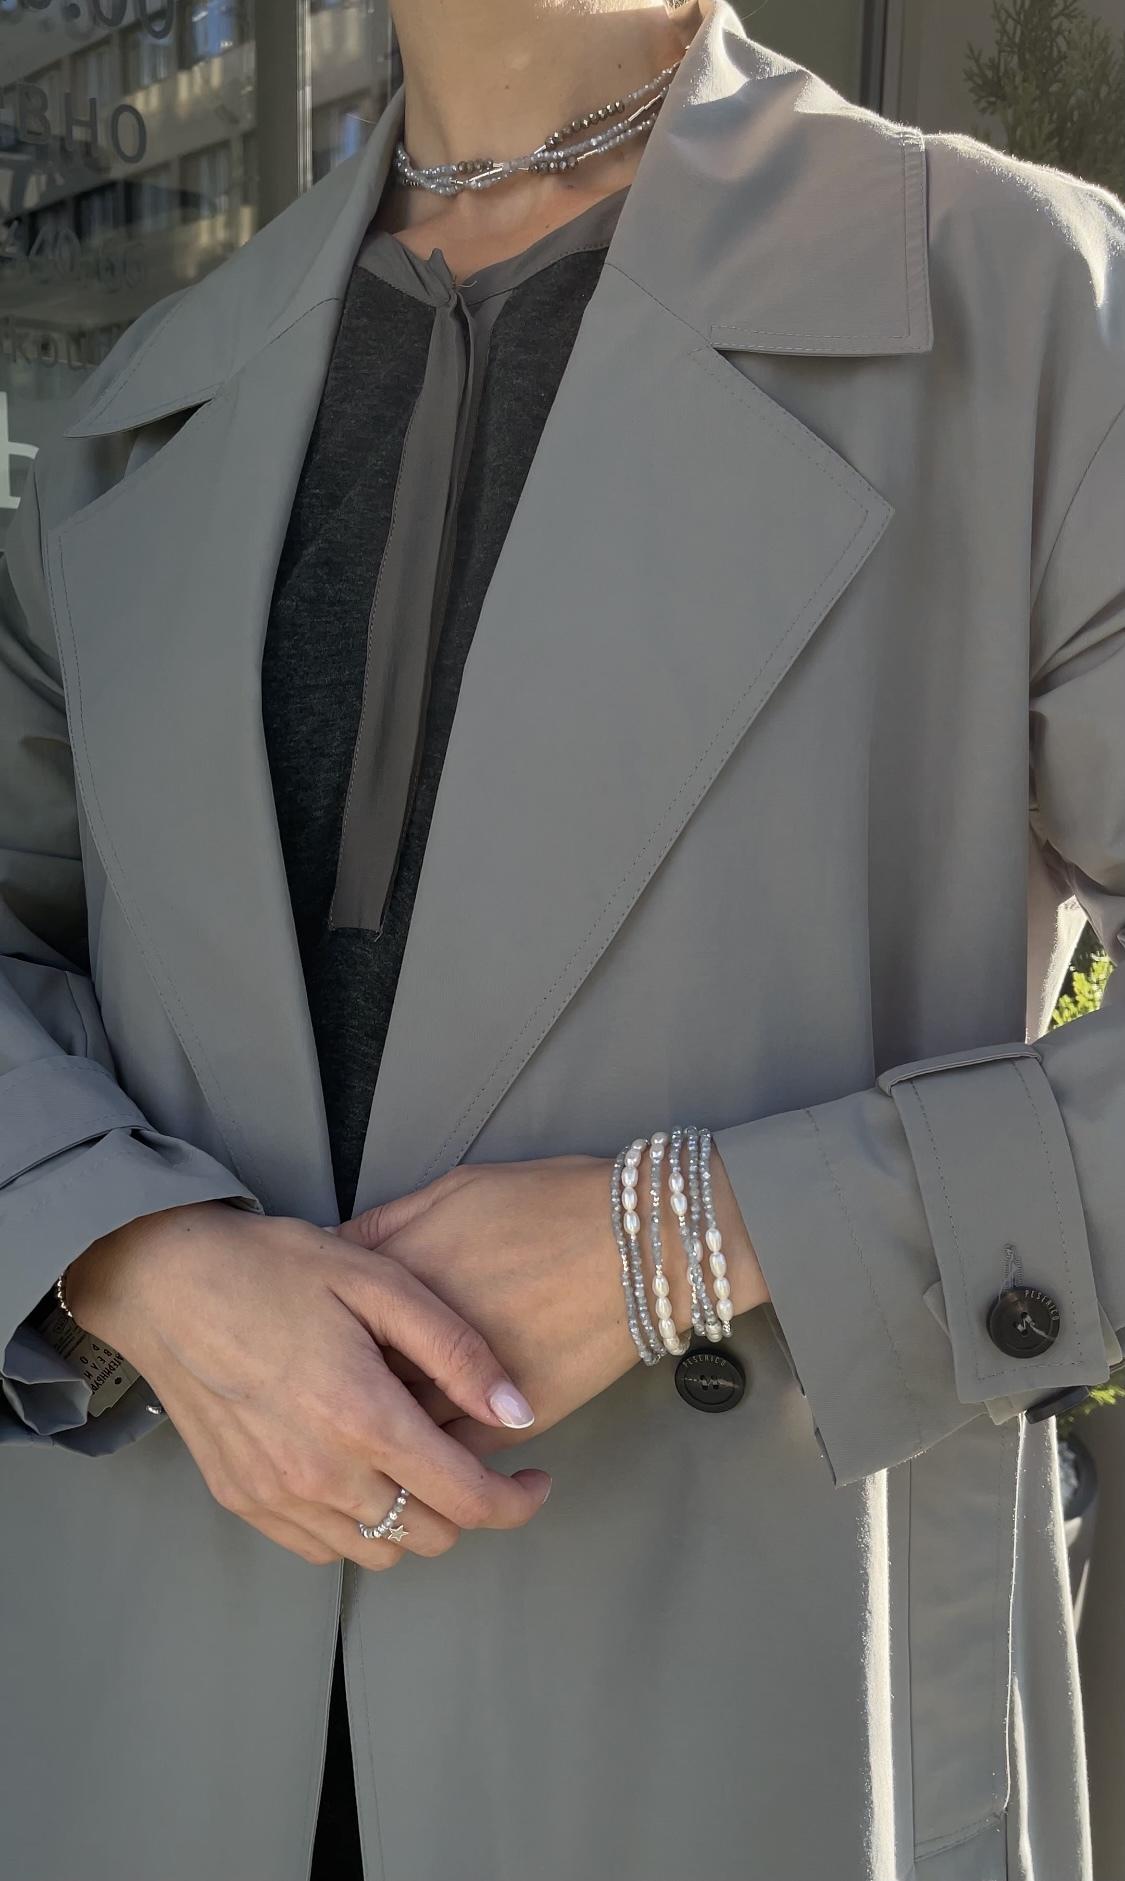 Браслет из голубого хрусталя с речным жемчугом и серебром  оптом и в розницу